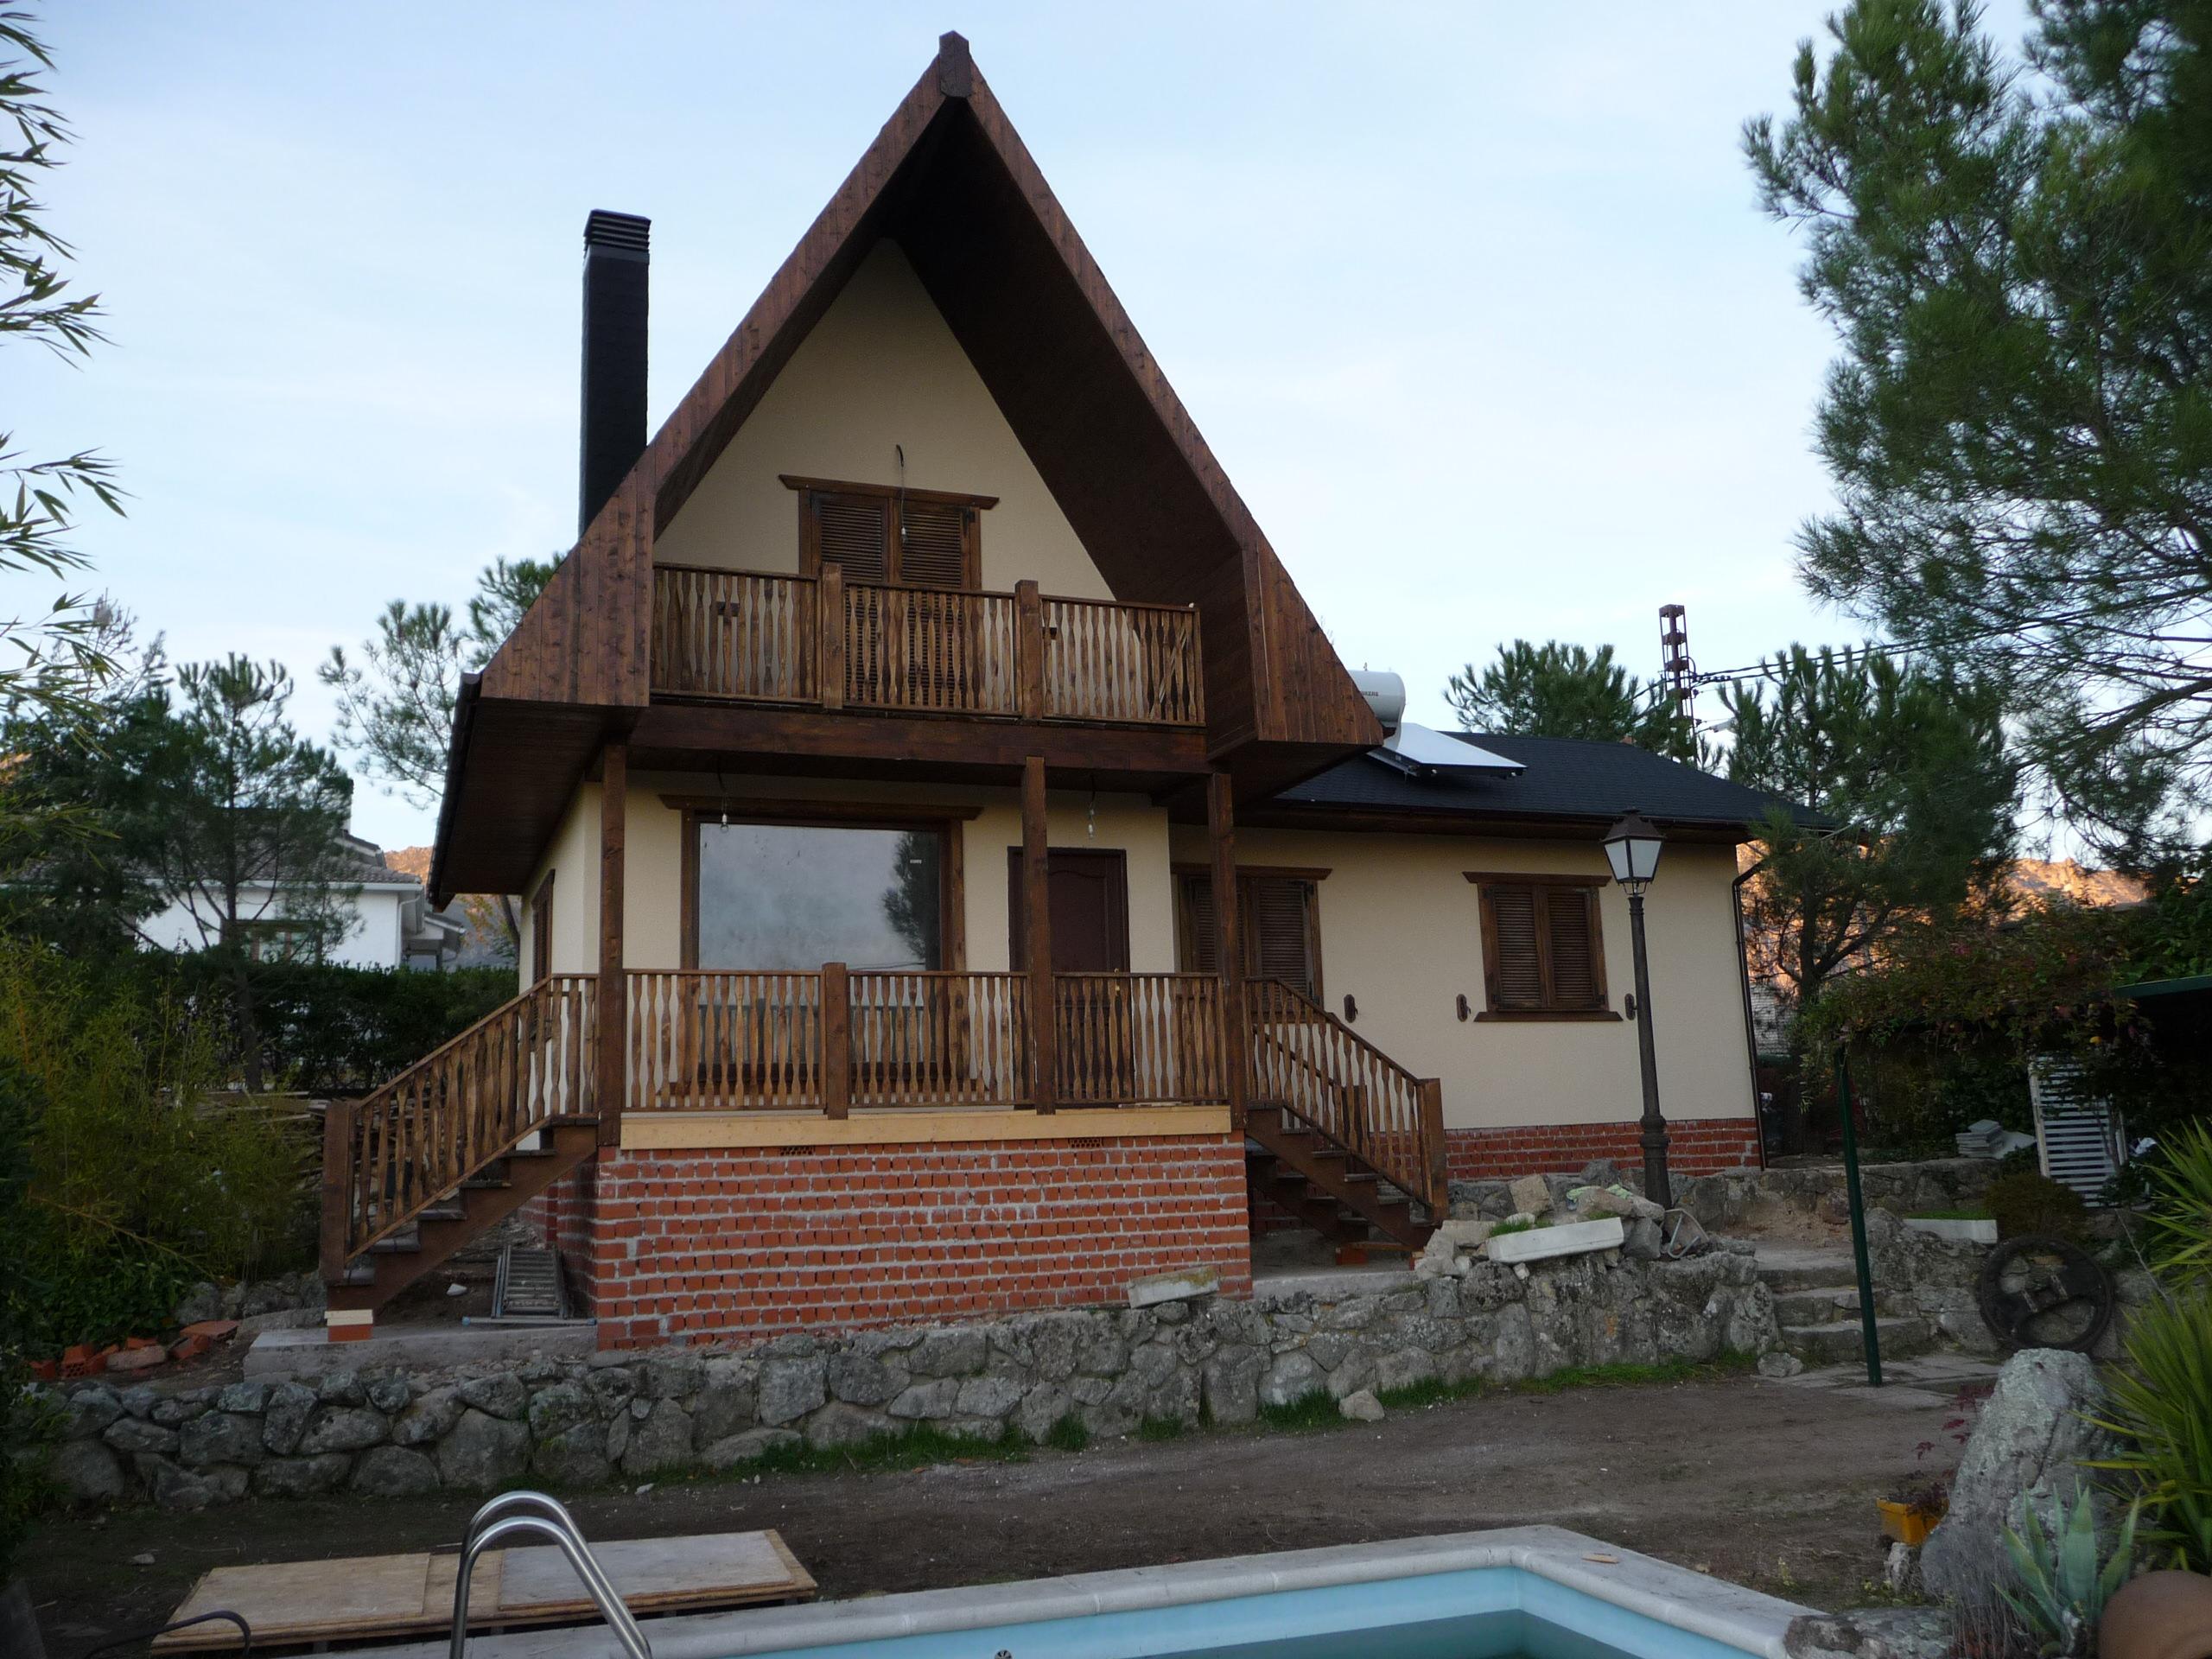 Precio de comprar casa de madera prefabricada en madrid - Precio de casa prefabricada ...